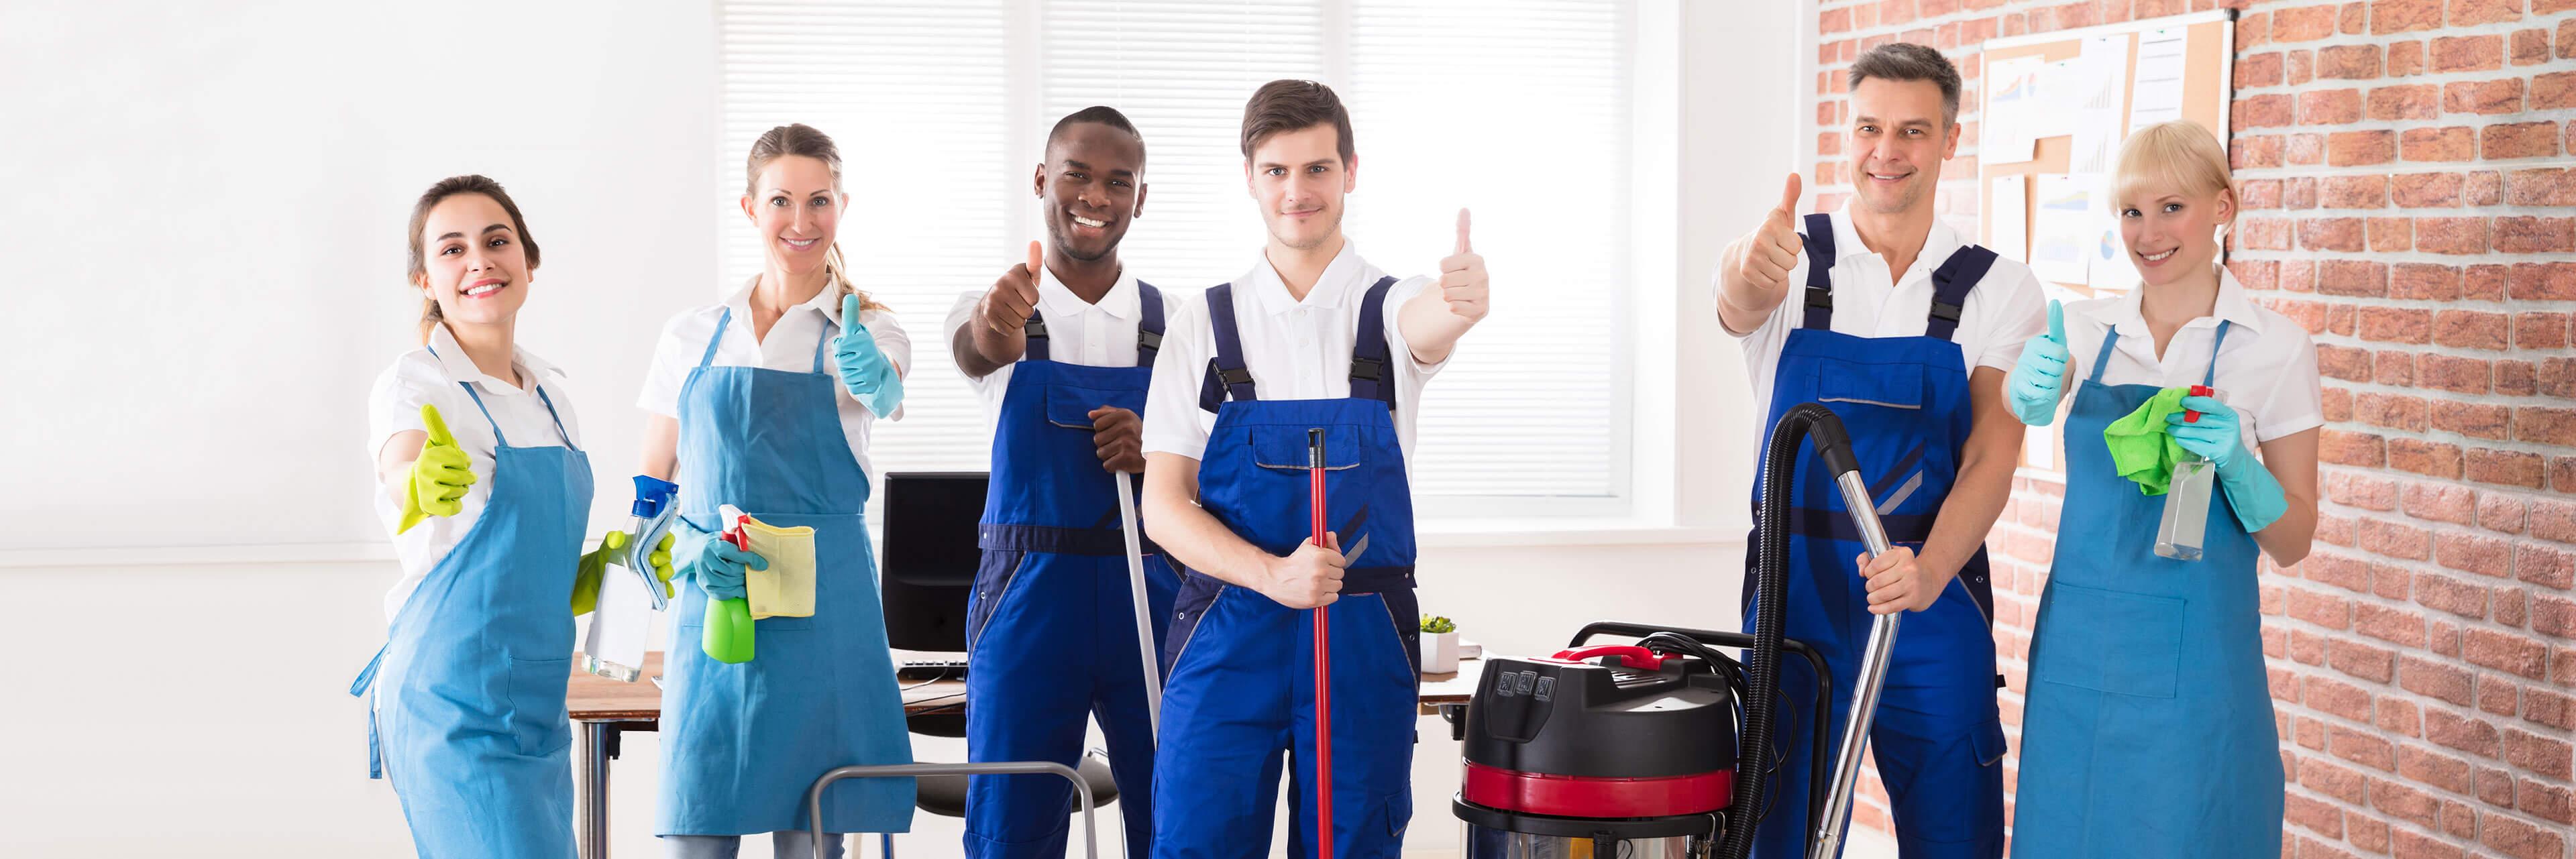 Ein Bild von sechs Reinigungskräften, die in Arbeitskleidung und mit Reinigungsmitteln in den Händen in einem Büro stehen. Dabei heben sie den Daumen nach oben.